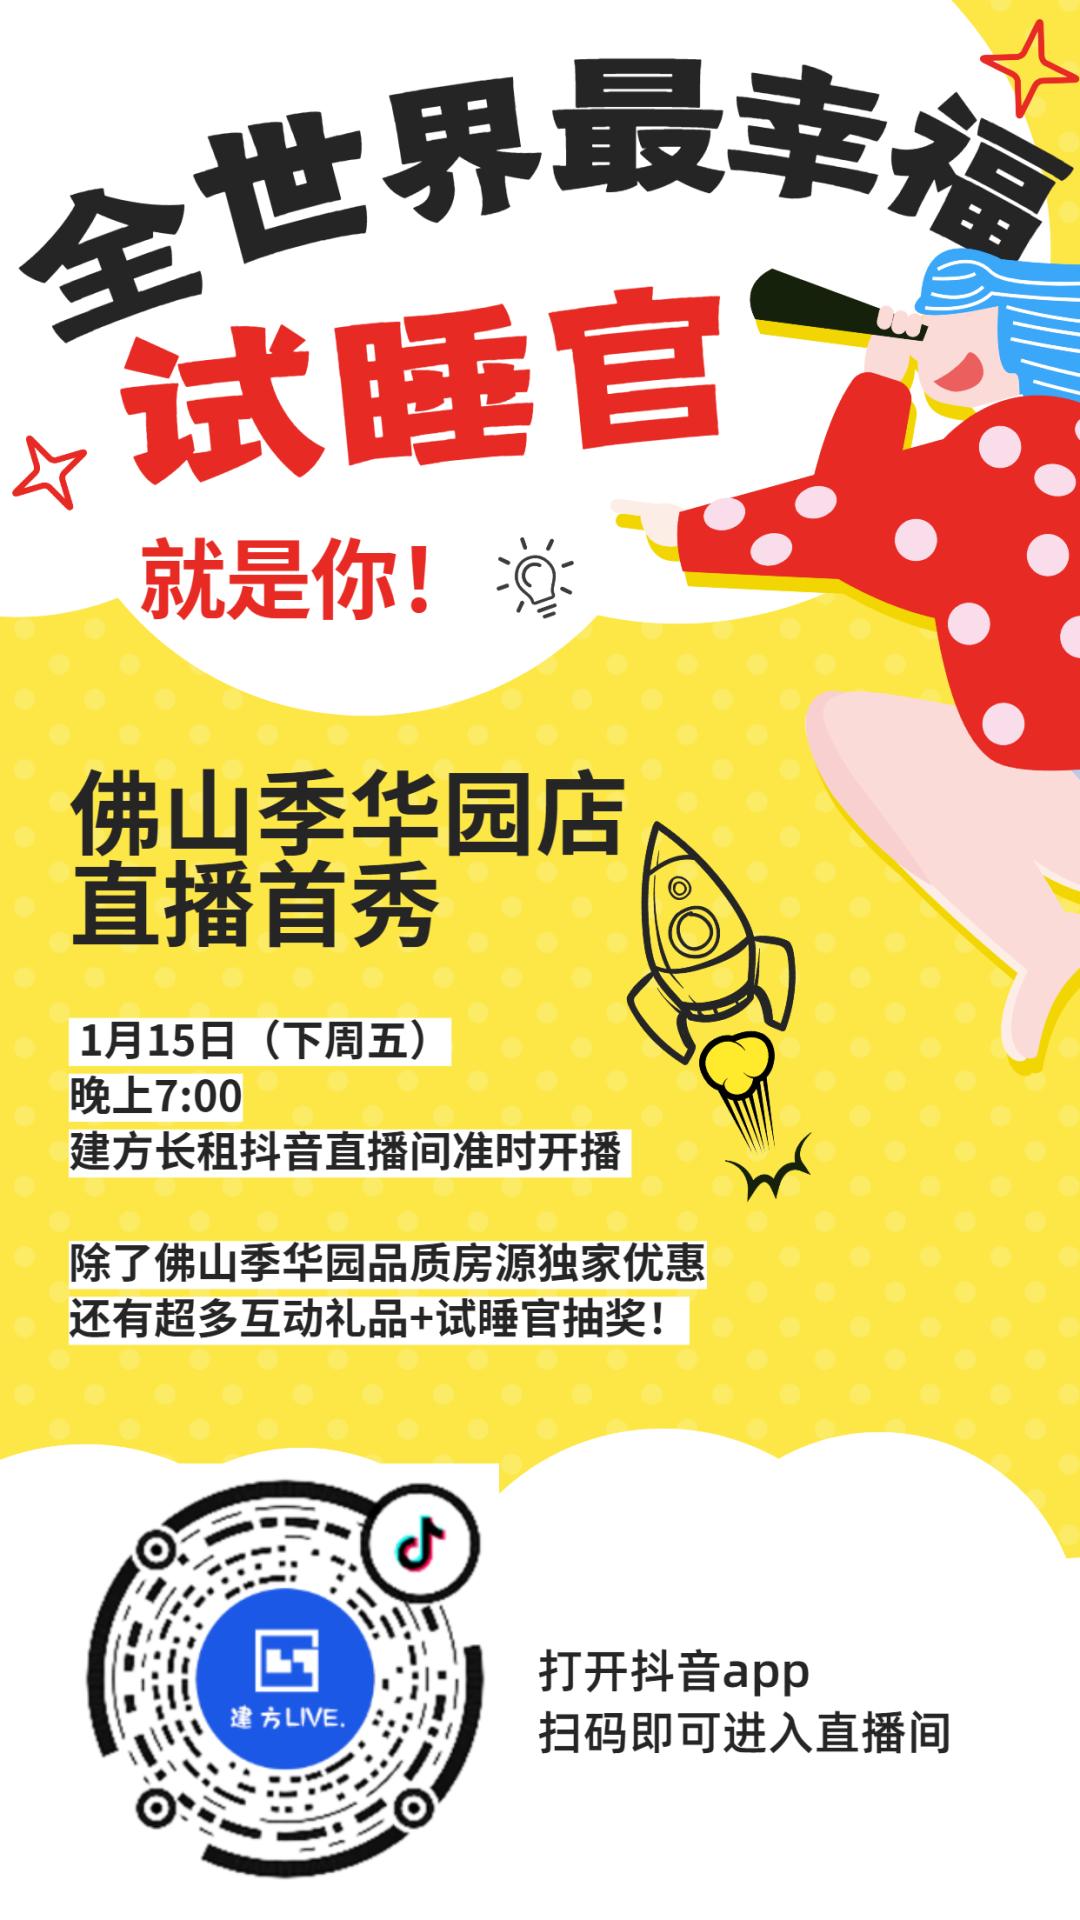 建方长租本周靓房 | 入住未来广州中轴线,享品质生活!